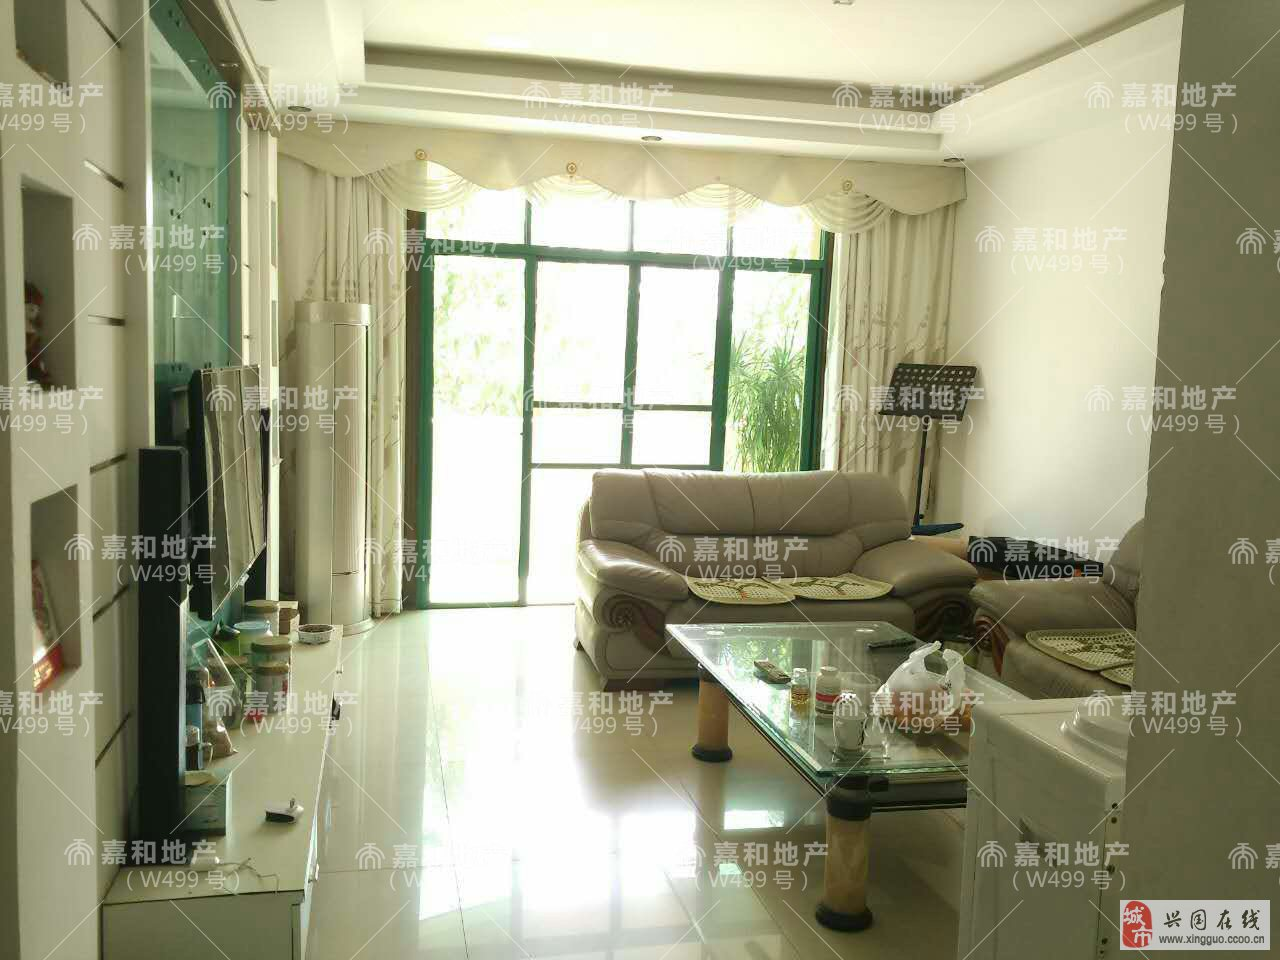 W499吉景豪庭5室2廳3衛復式樓帶車庫85萬